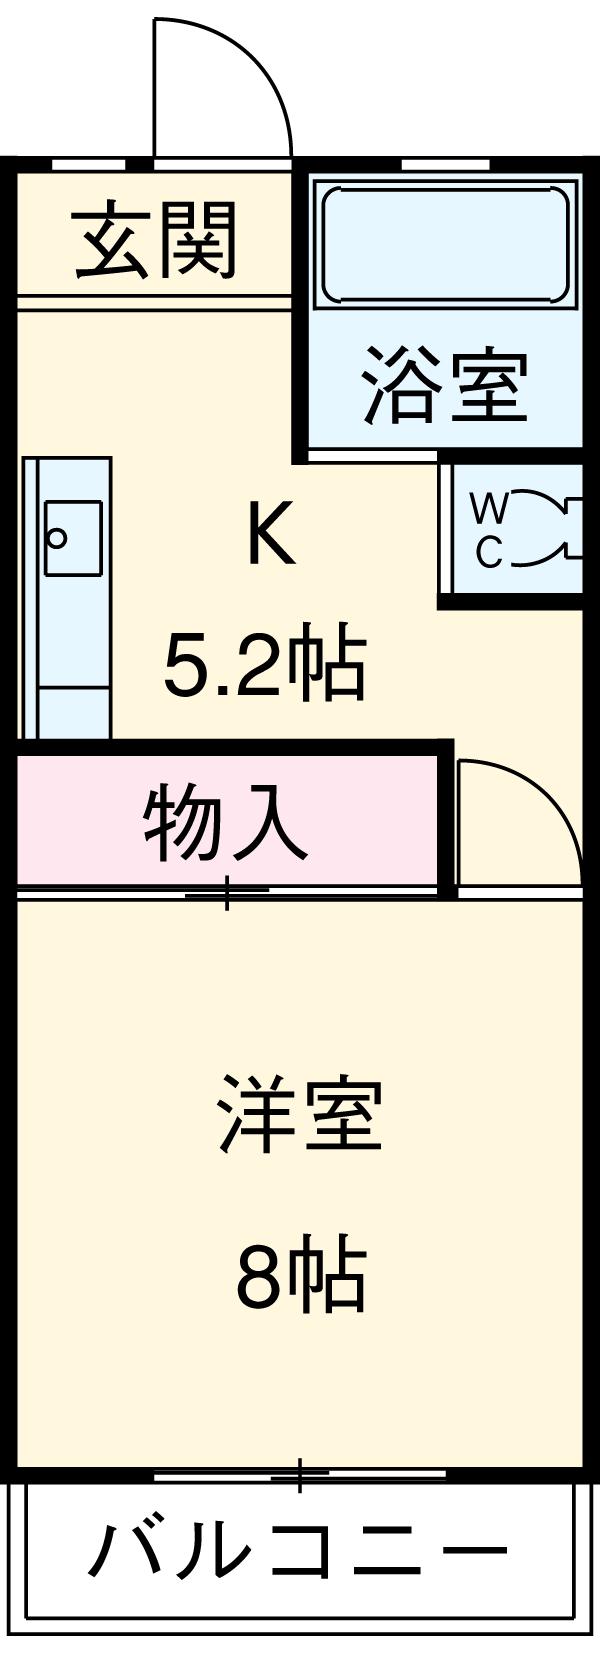 大竹コーポA棟 201号室の間取り